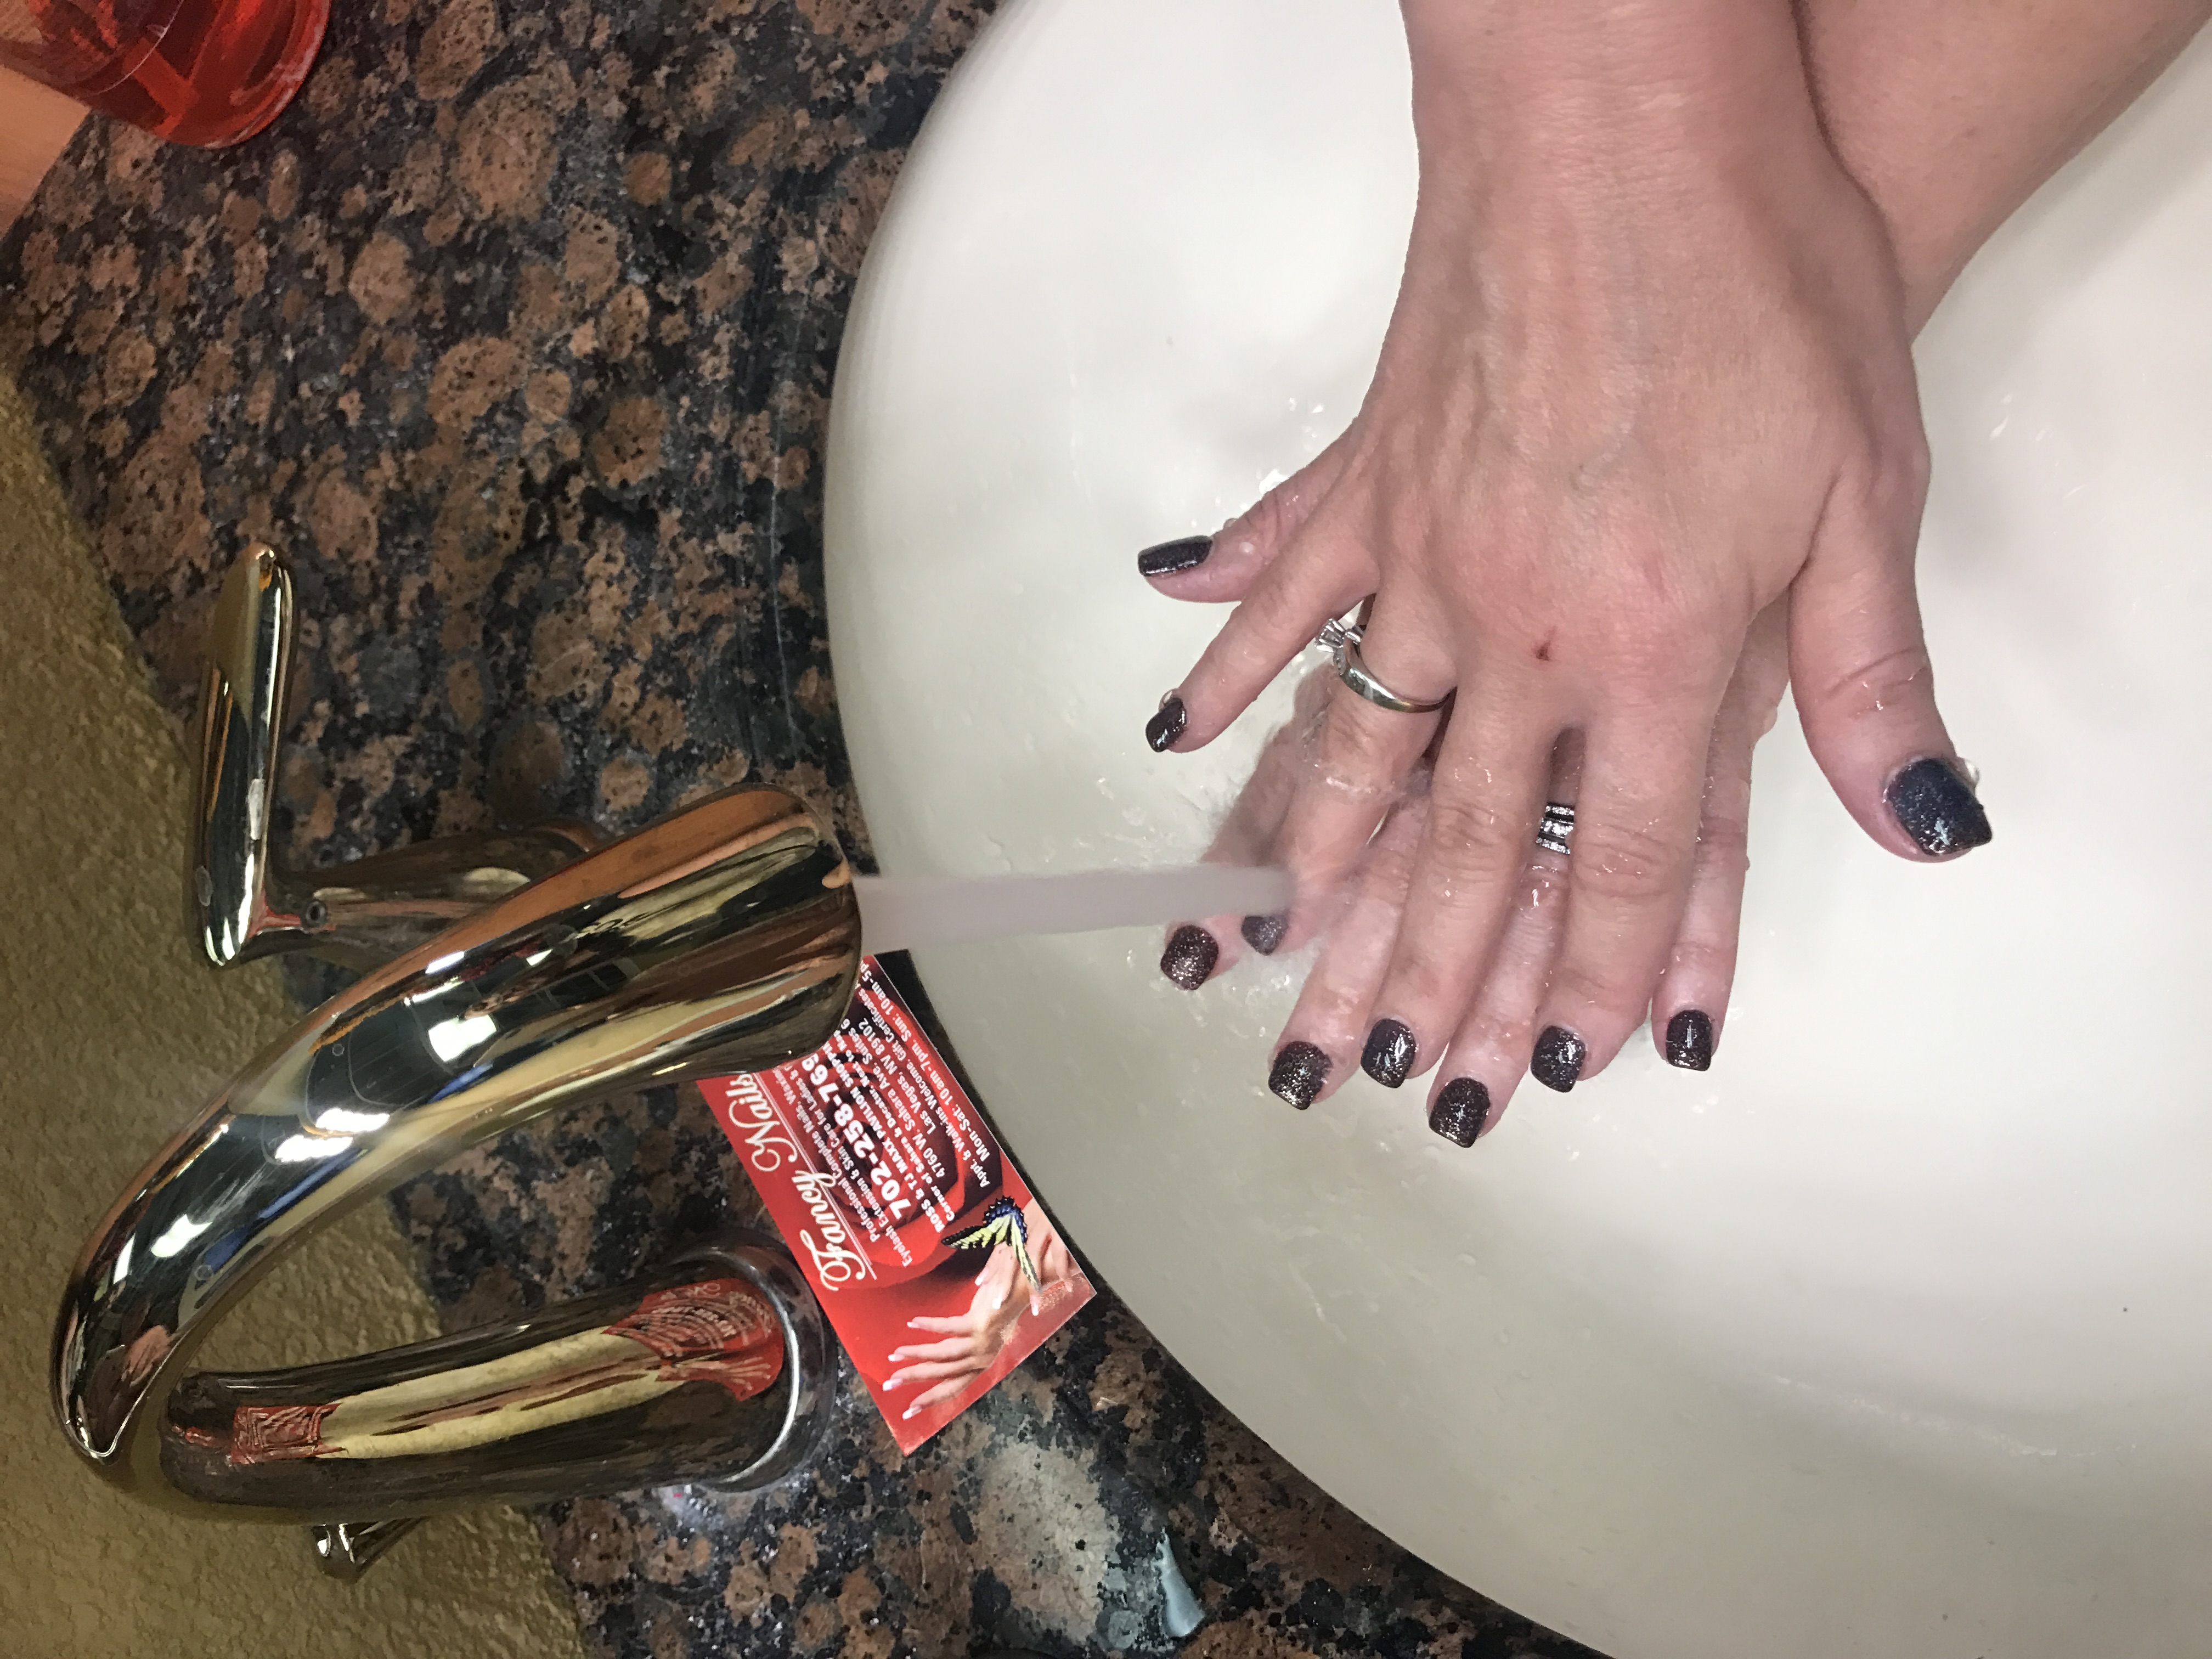 Fancy Nails 4760 W Sahara Ave Suite 6-7, Las Vegas, NV 89102 - YP.com